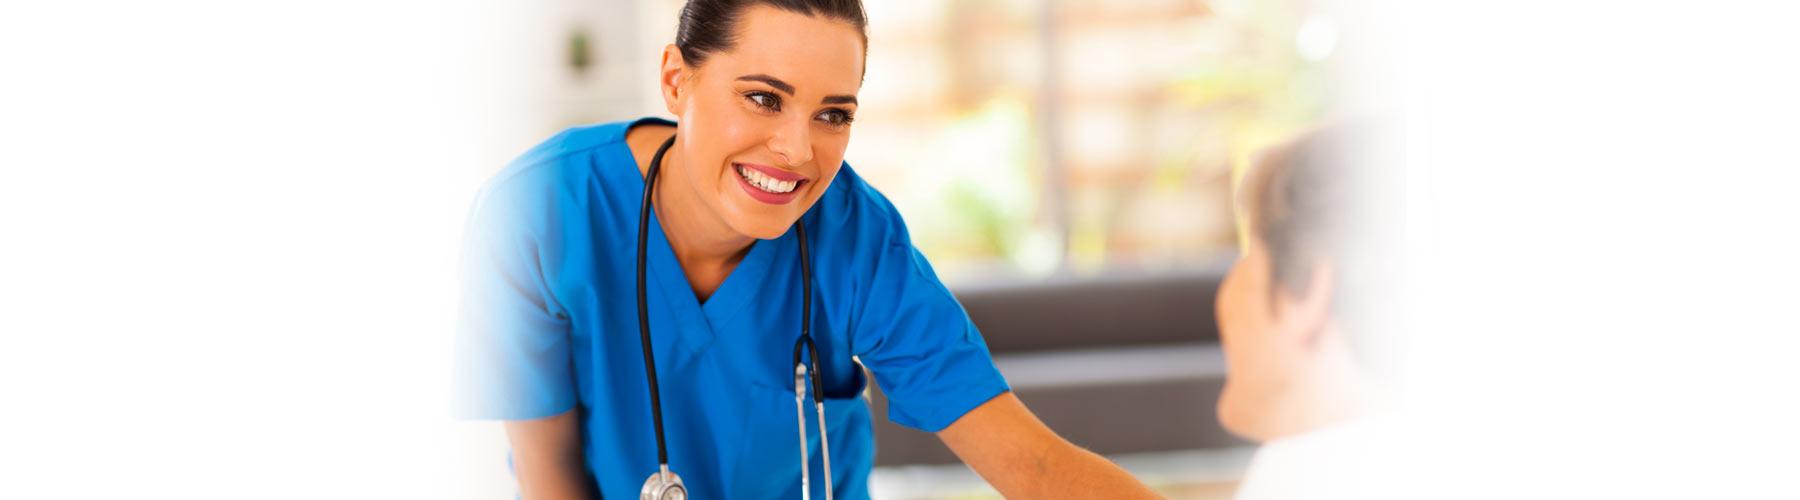 Decreto Prescripción Enfermera